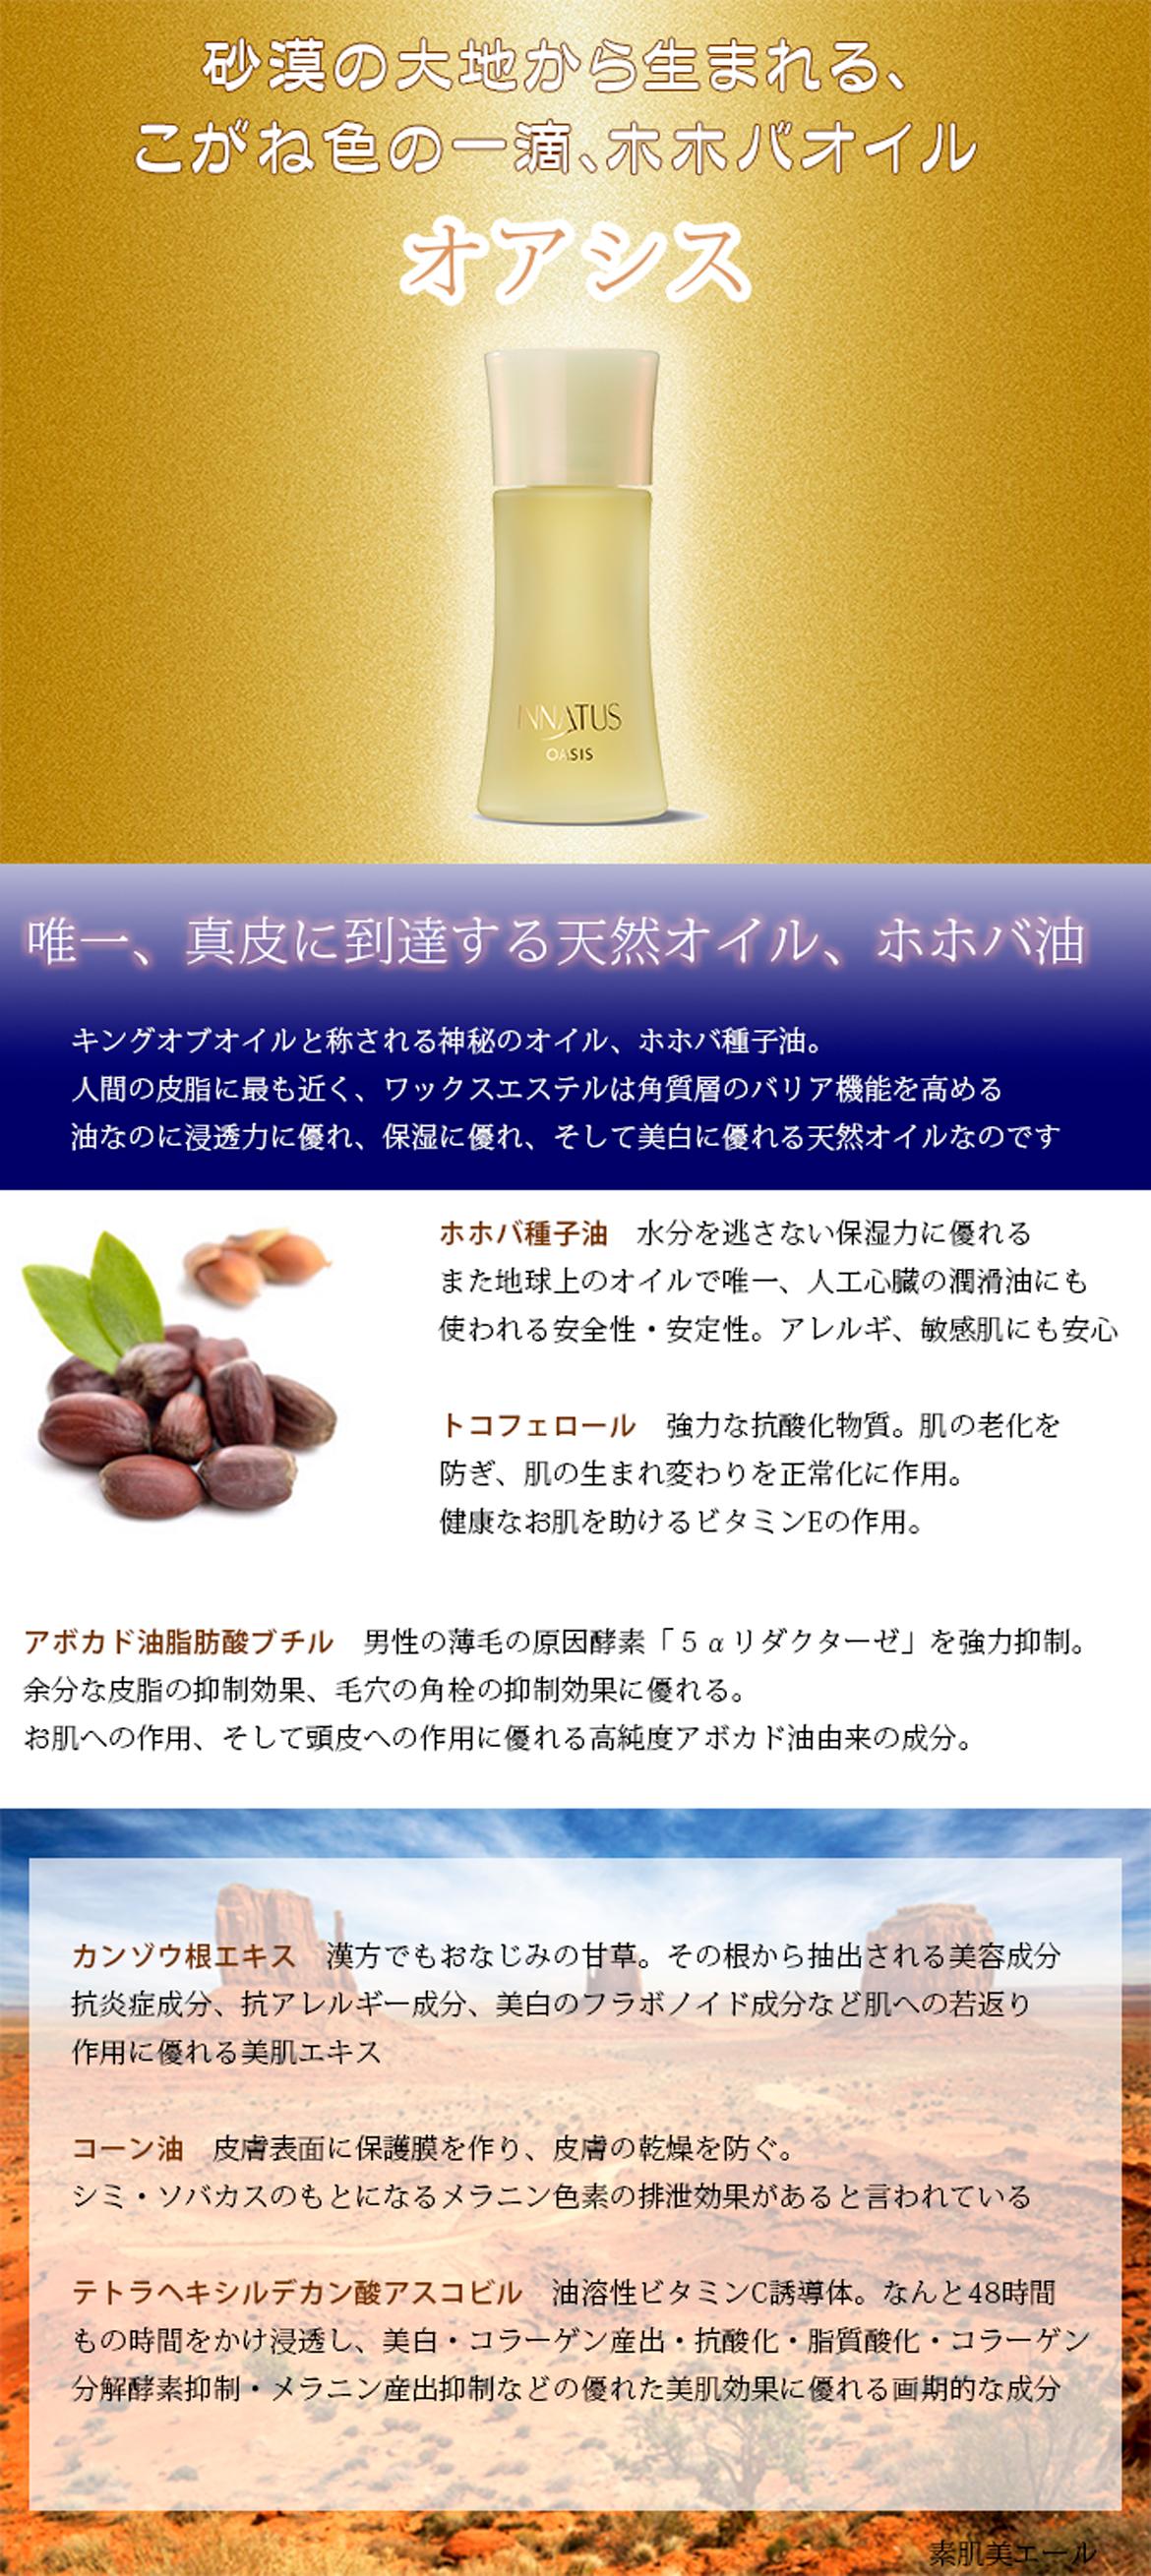 ホホバ種子油,イナータス,オアシス